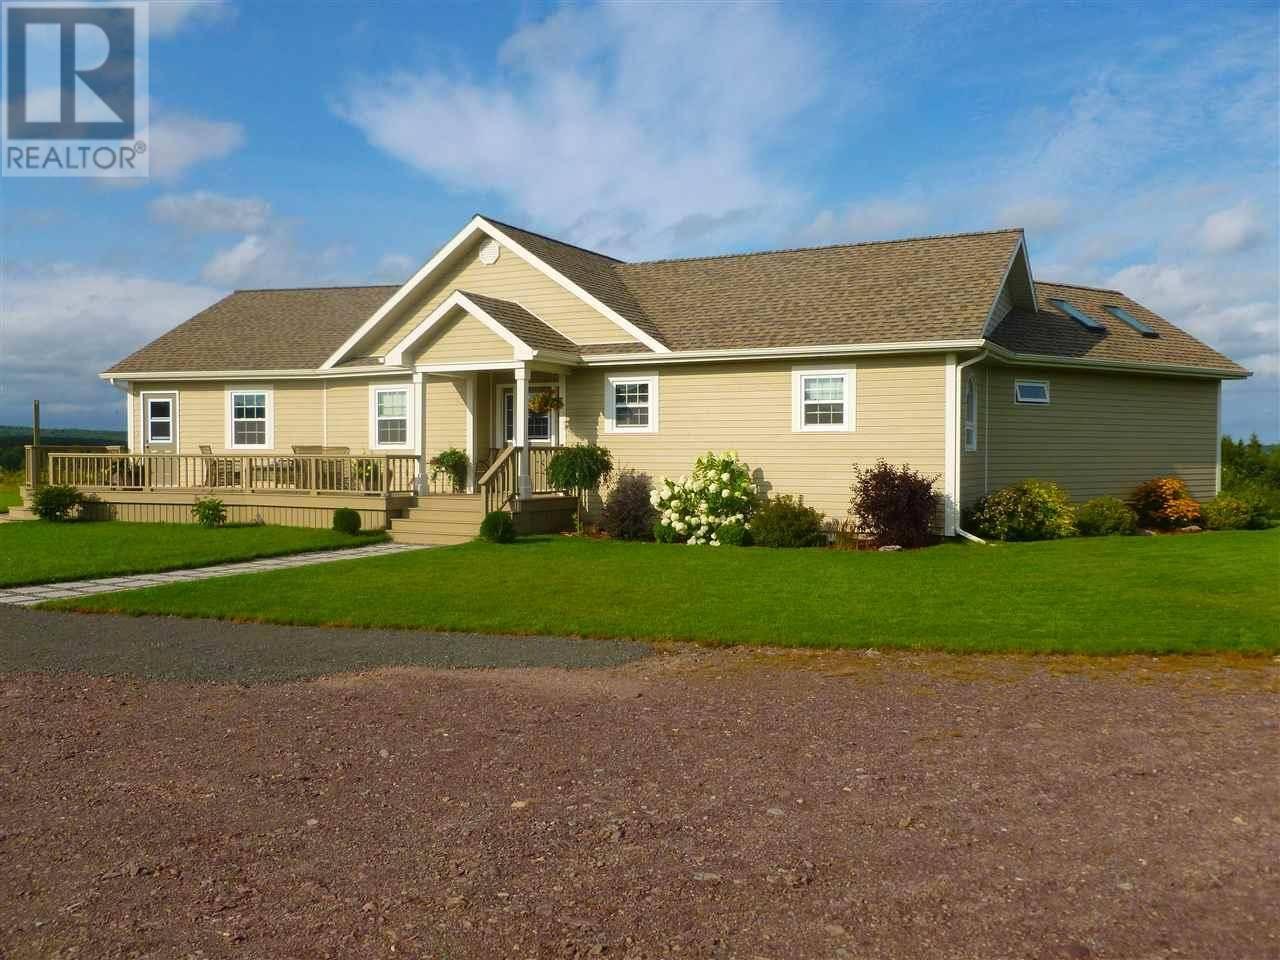 House for sale at 75 Marsh Cross Rd St Andrew's Nova Scotia - MLS: 201914187